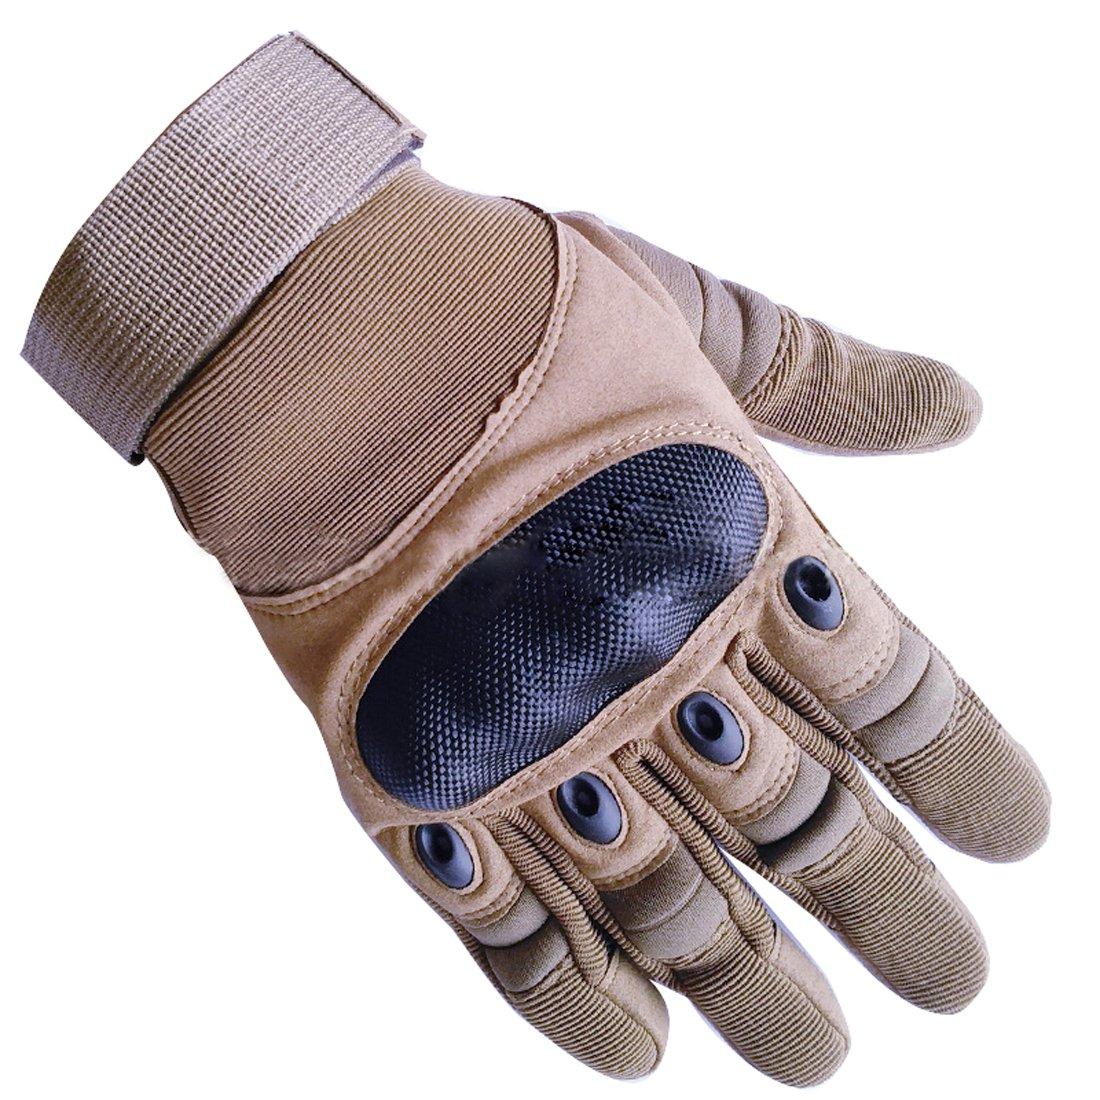 アップグレードメンズフルフィンガータクティカルミリタリーオートバイサイクリンググローブ登山ハイキングハンティングアウトドアスポーツスマート手袋をHi Suyi B075H6TTND Medium|カーキ カーキ Medium